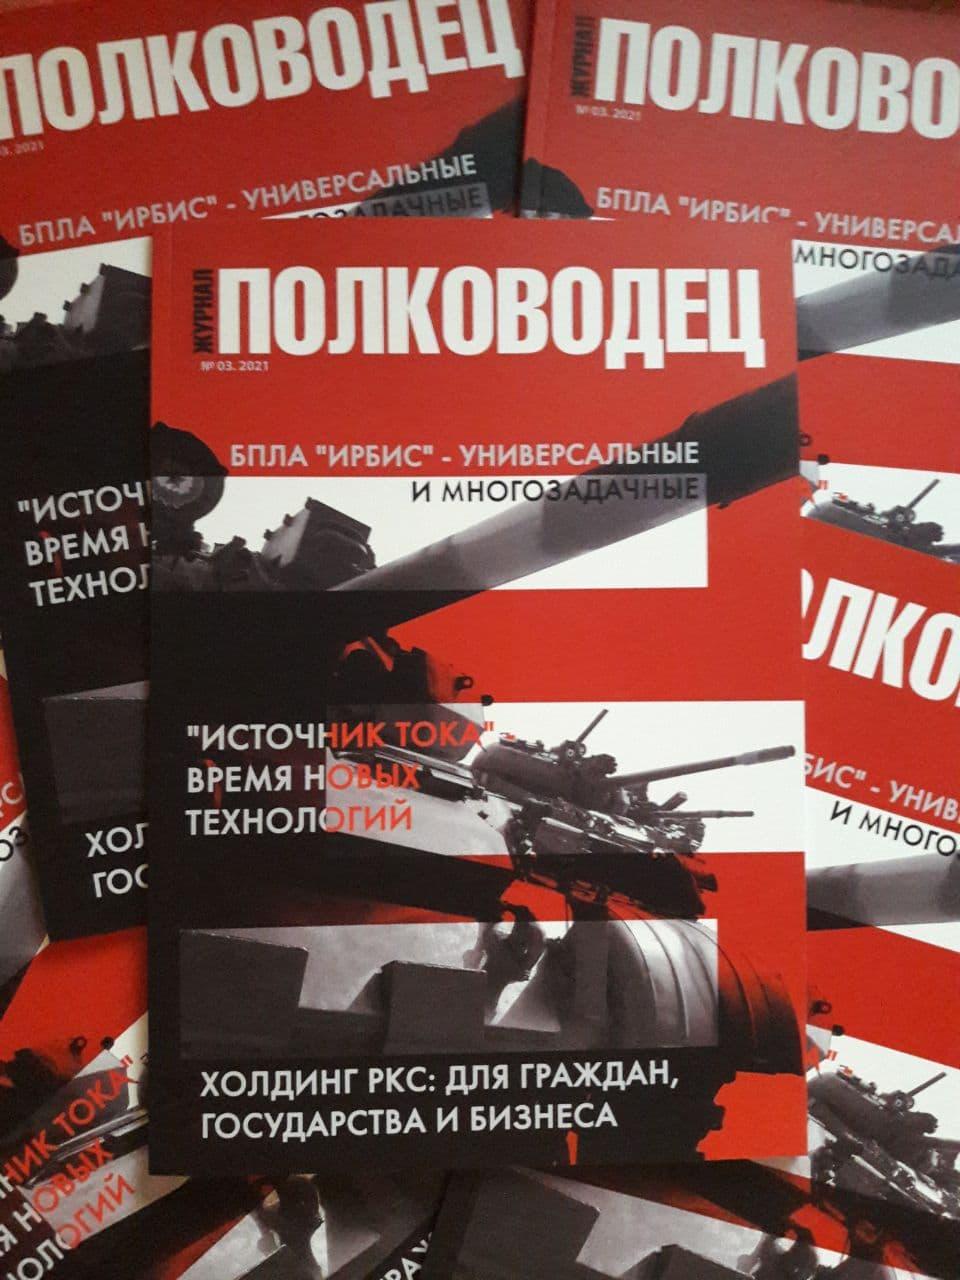 специальный выпуск журнала полководец